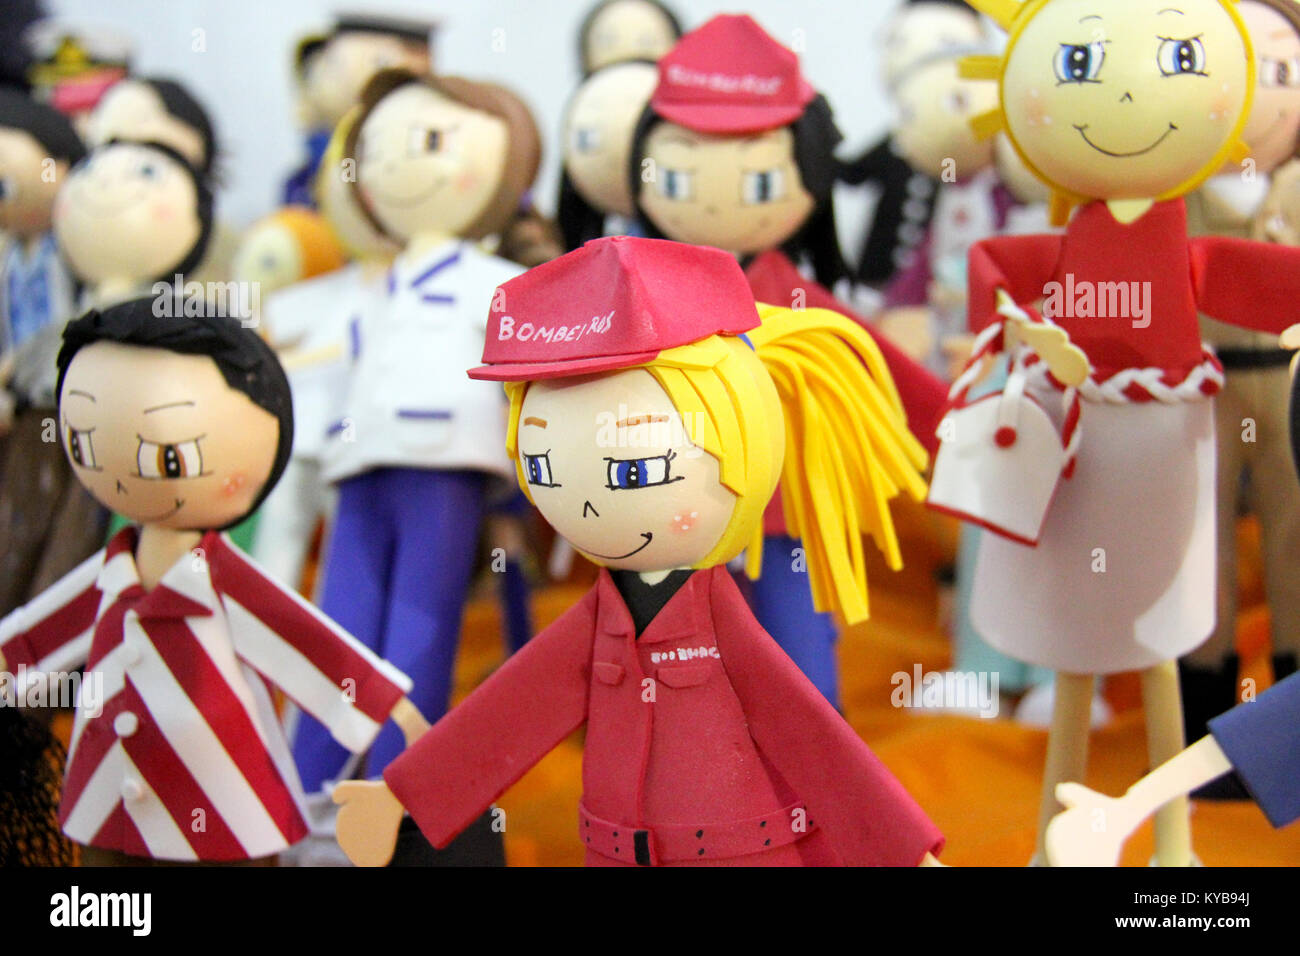 Auswahl An Farbenfrohen Handgefertigten Puppen Puppen Die Die Mit